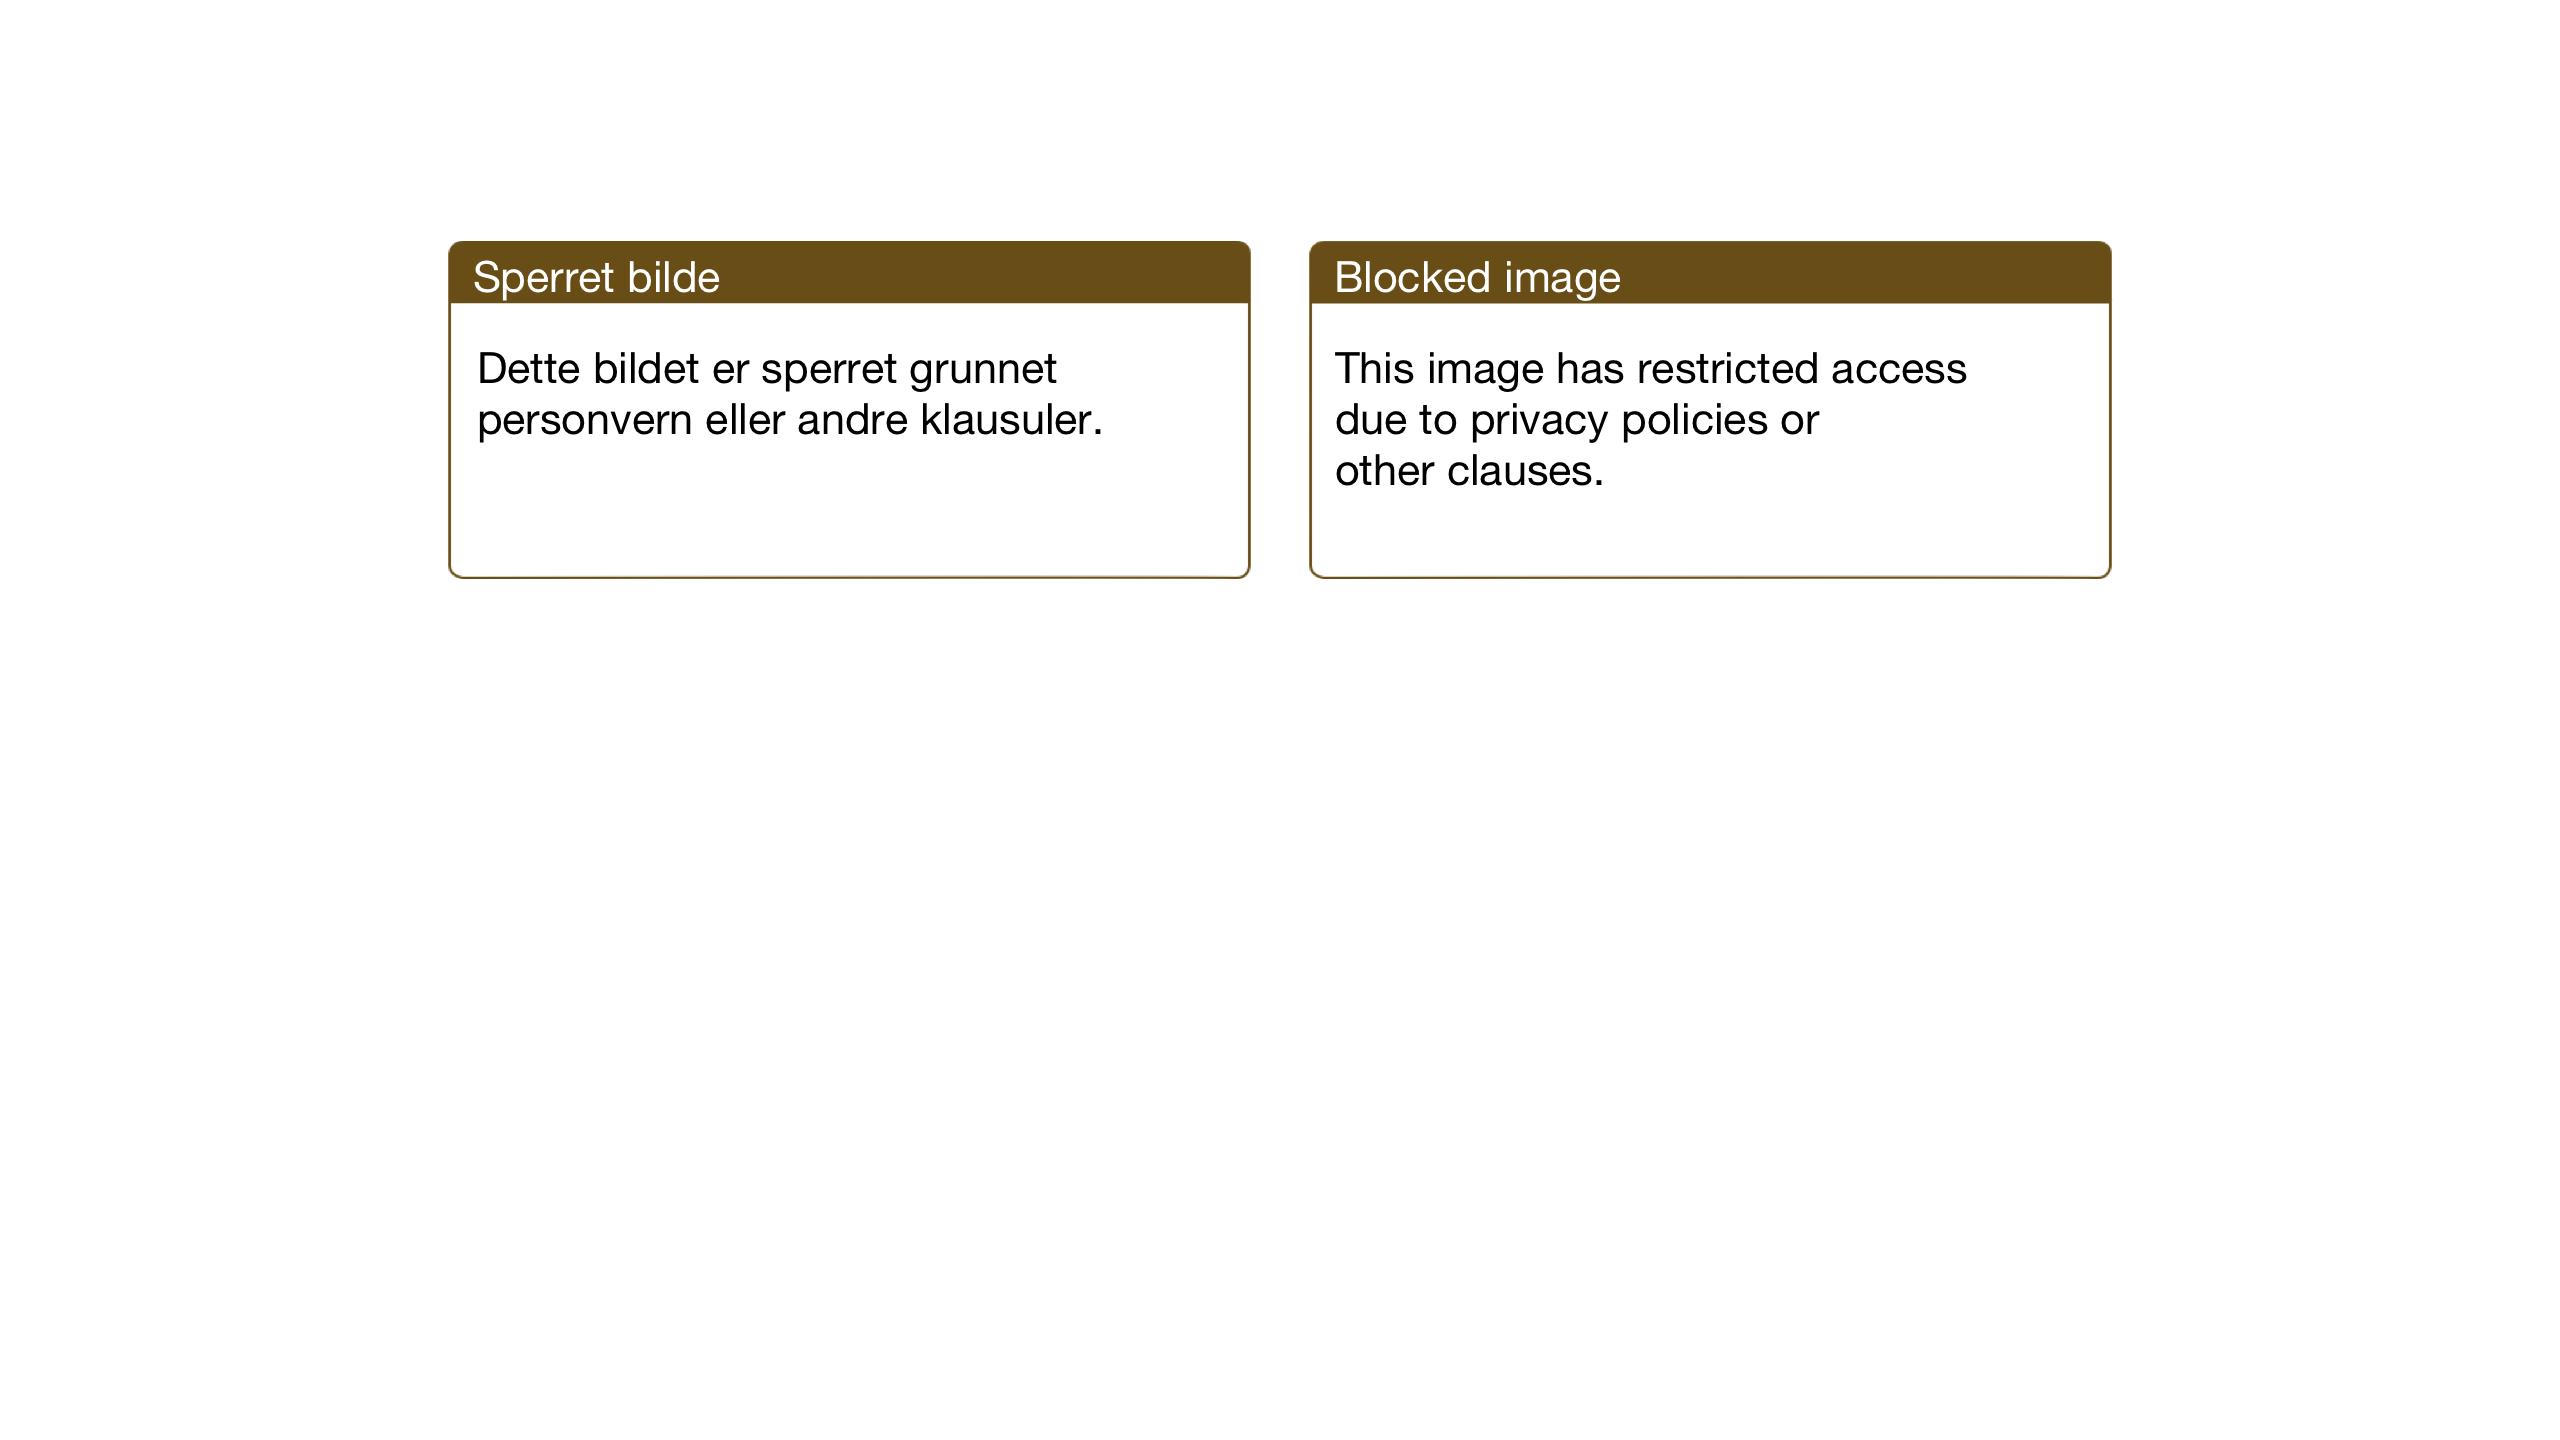 SAT, Ministerialprotokoller, klokkerbøker og fødselsregistre - Sør-Trøndelag, 611/L0358: Klokkerbok nr. 611C06, 1943-1946, s. 93